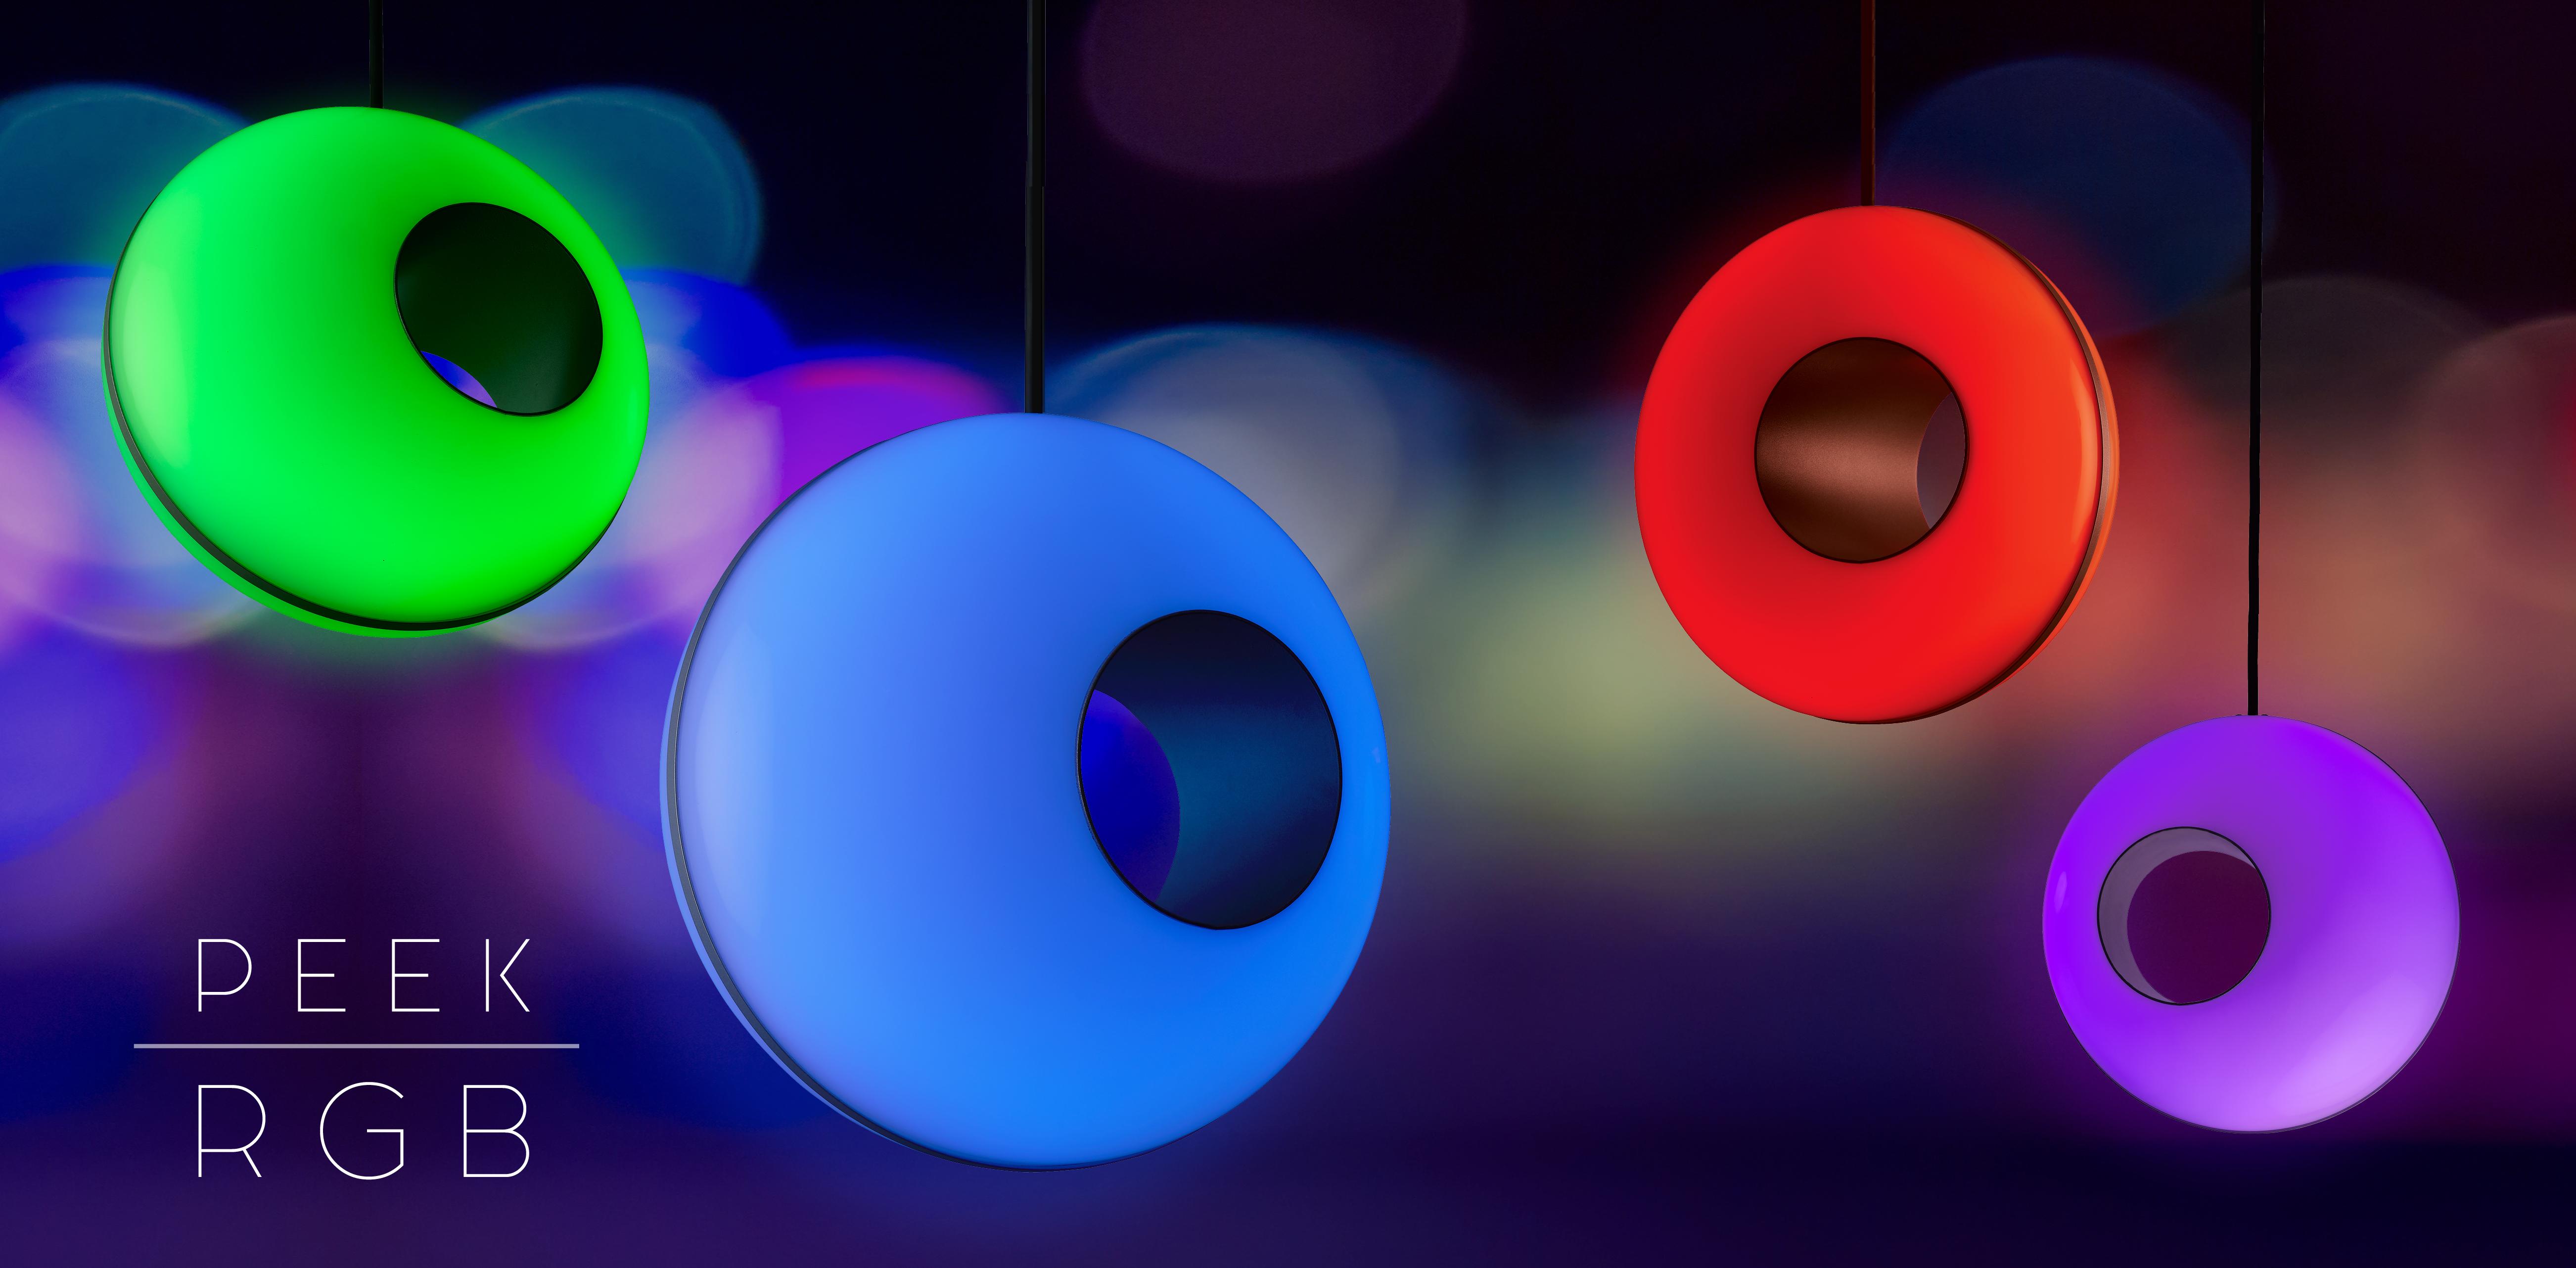 Peek RGB